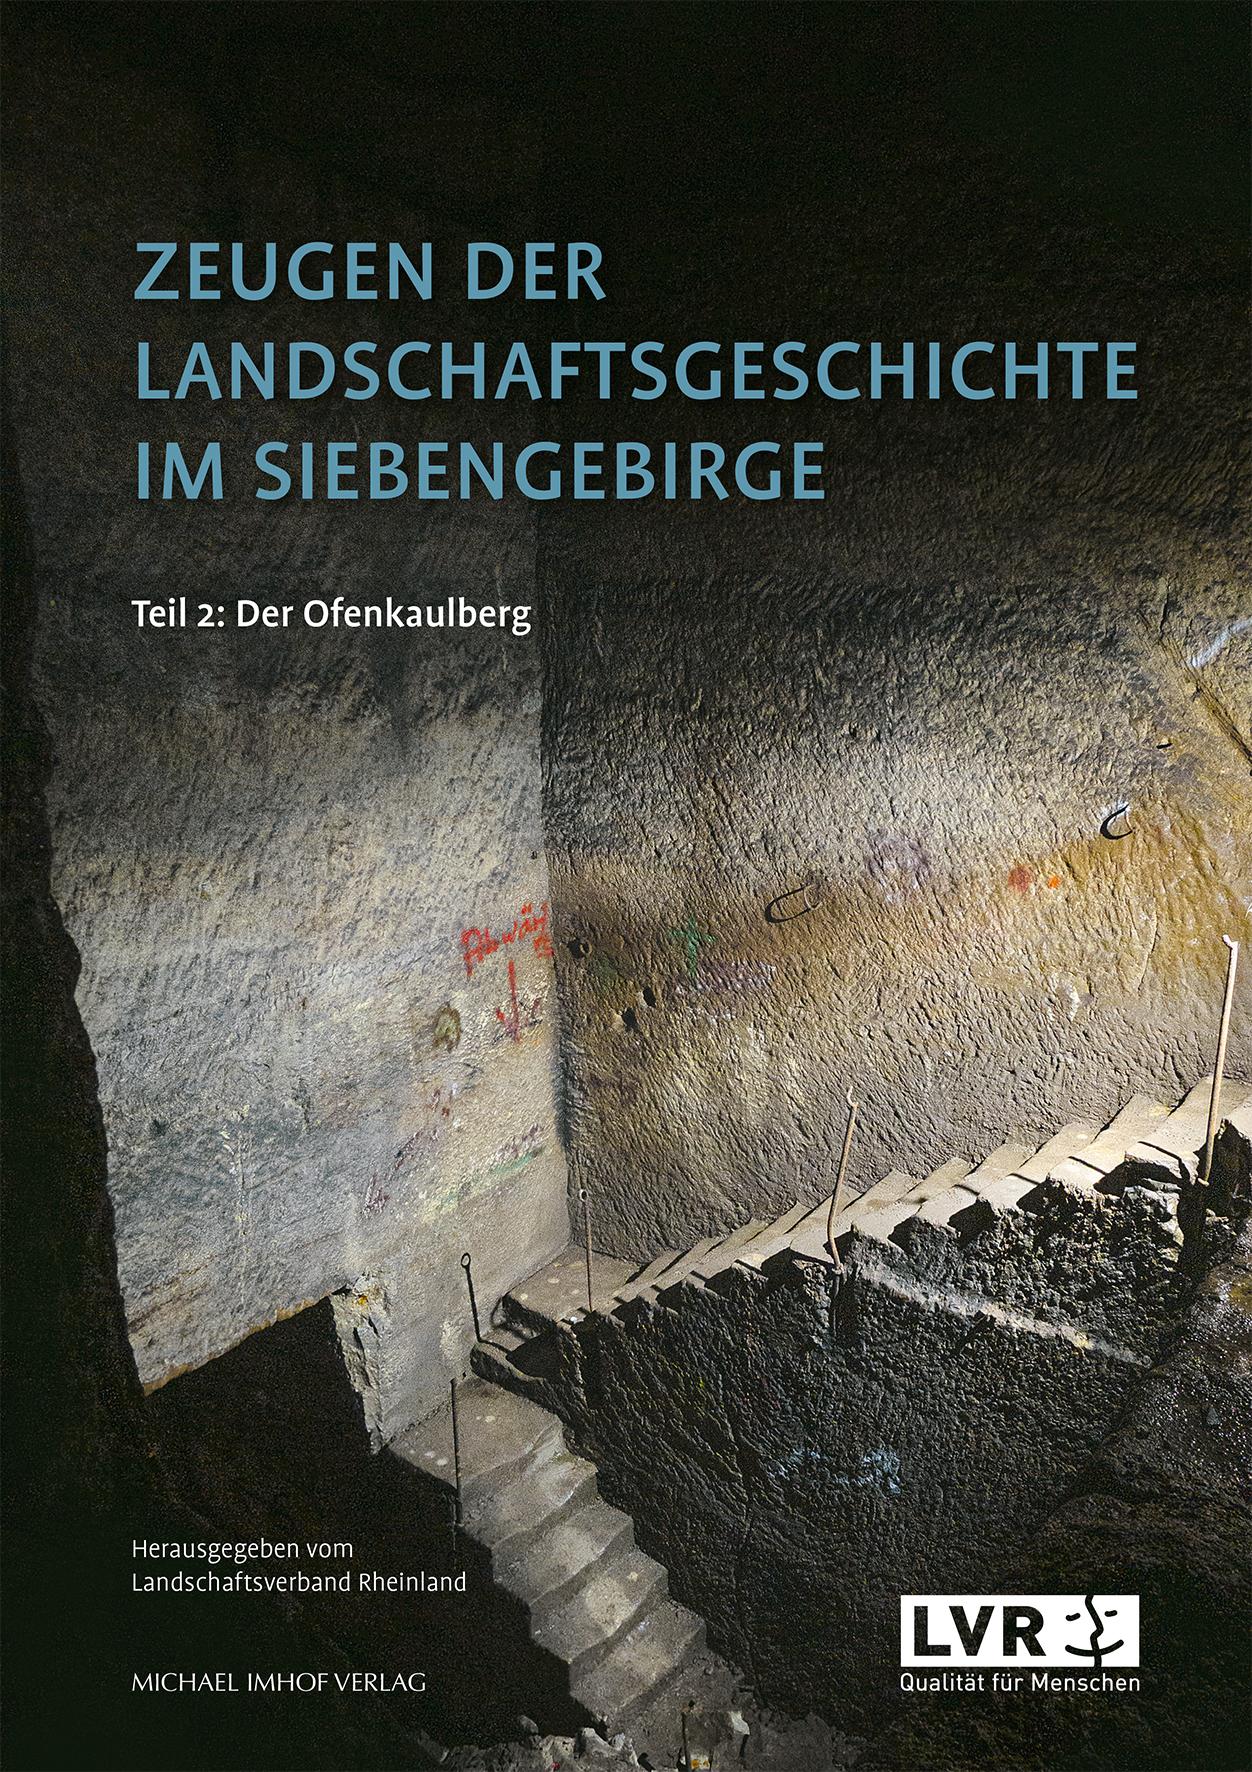 NEU_Zeugen-Landschaftsgeschichte_UMSCHLAG.qxp_Layout 1